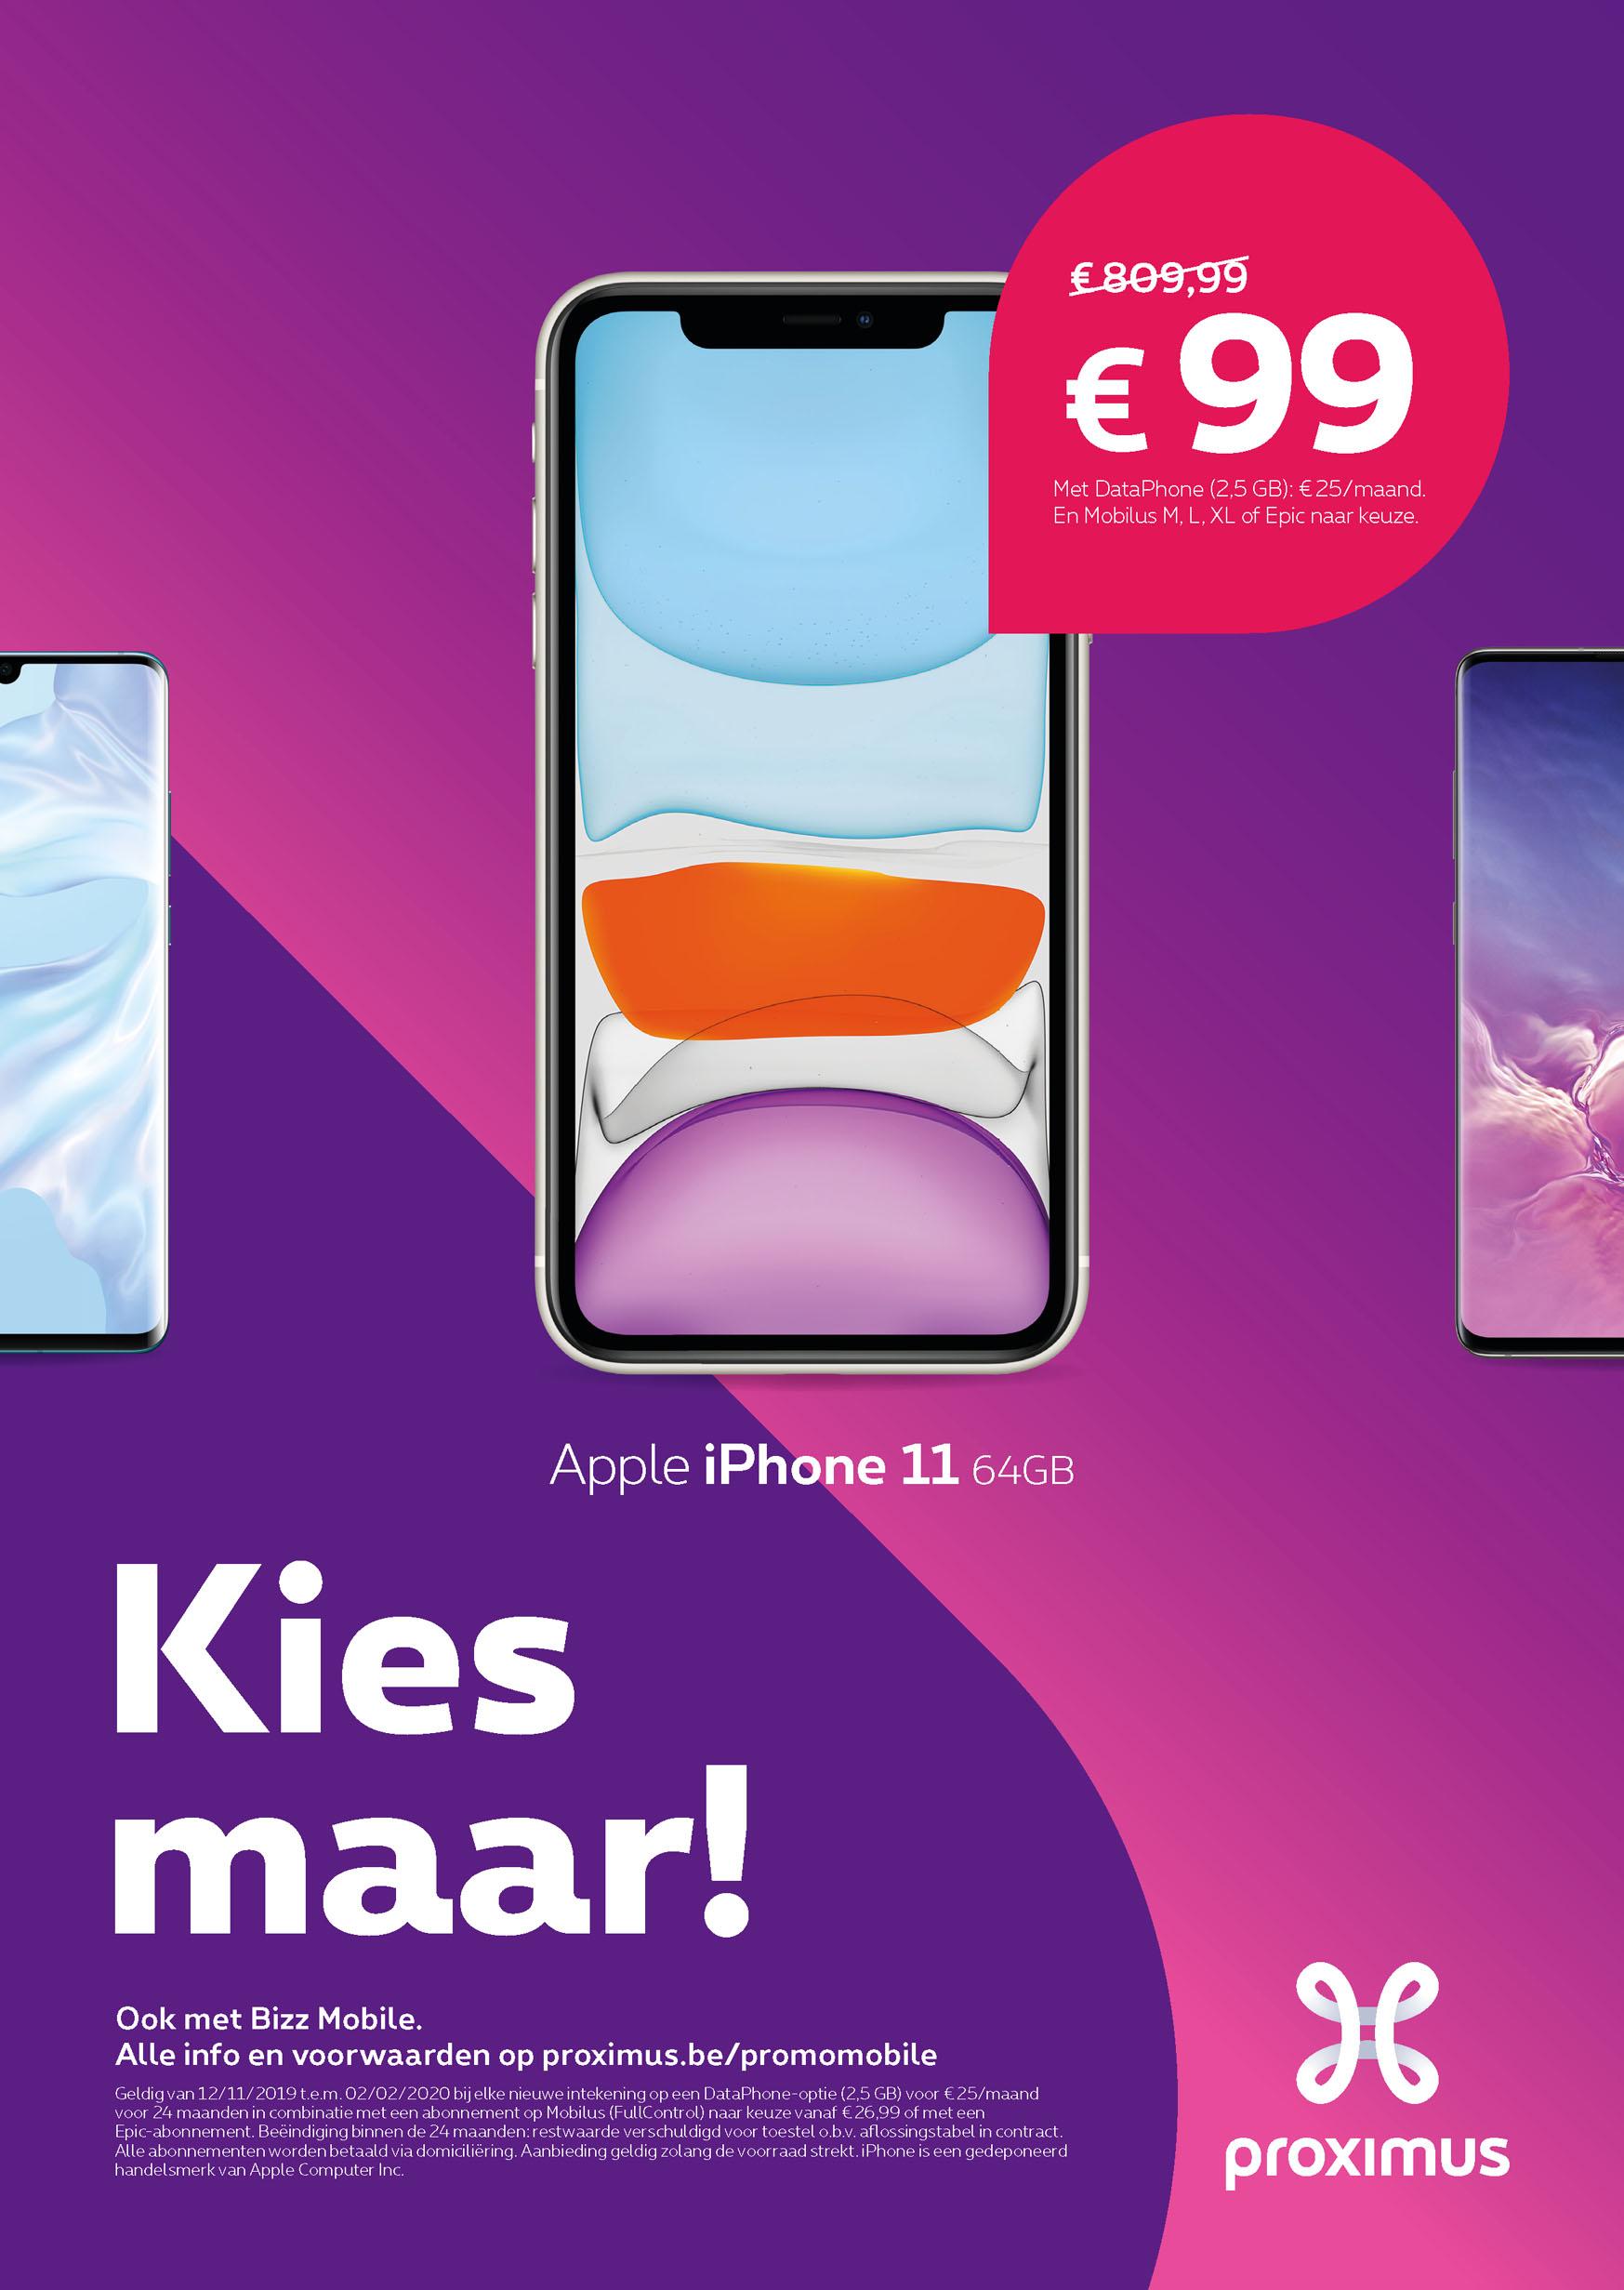 Promotions_JO_JO_Apple_iPhone_11_64GB_20